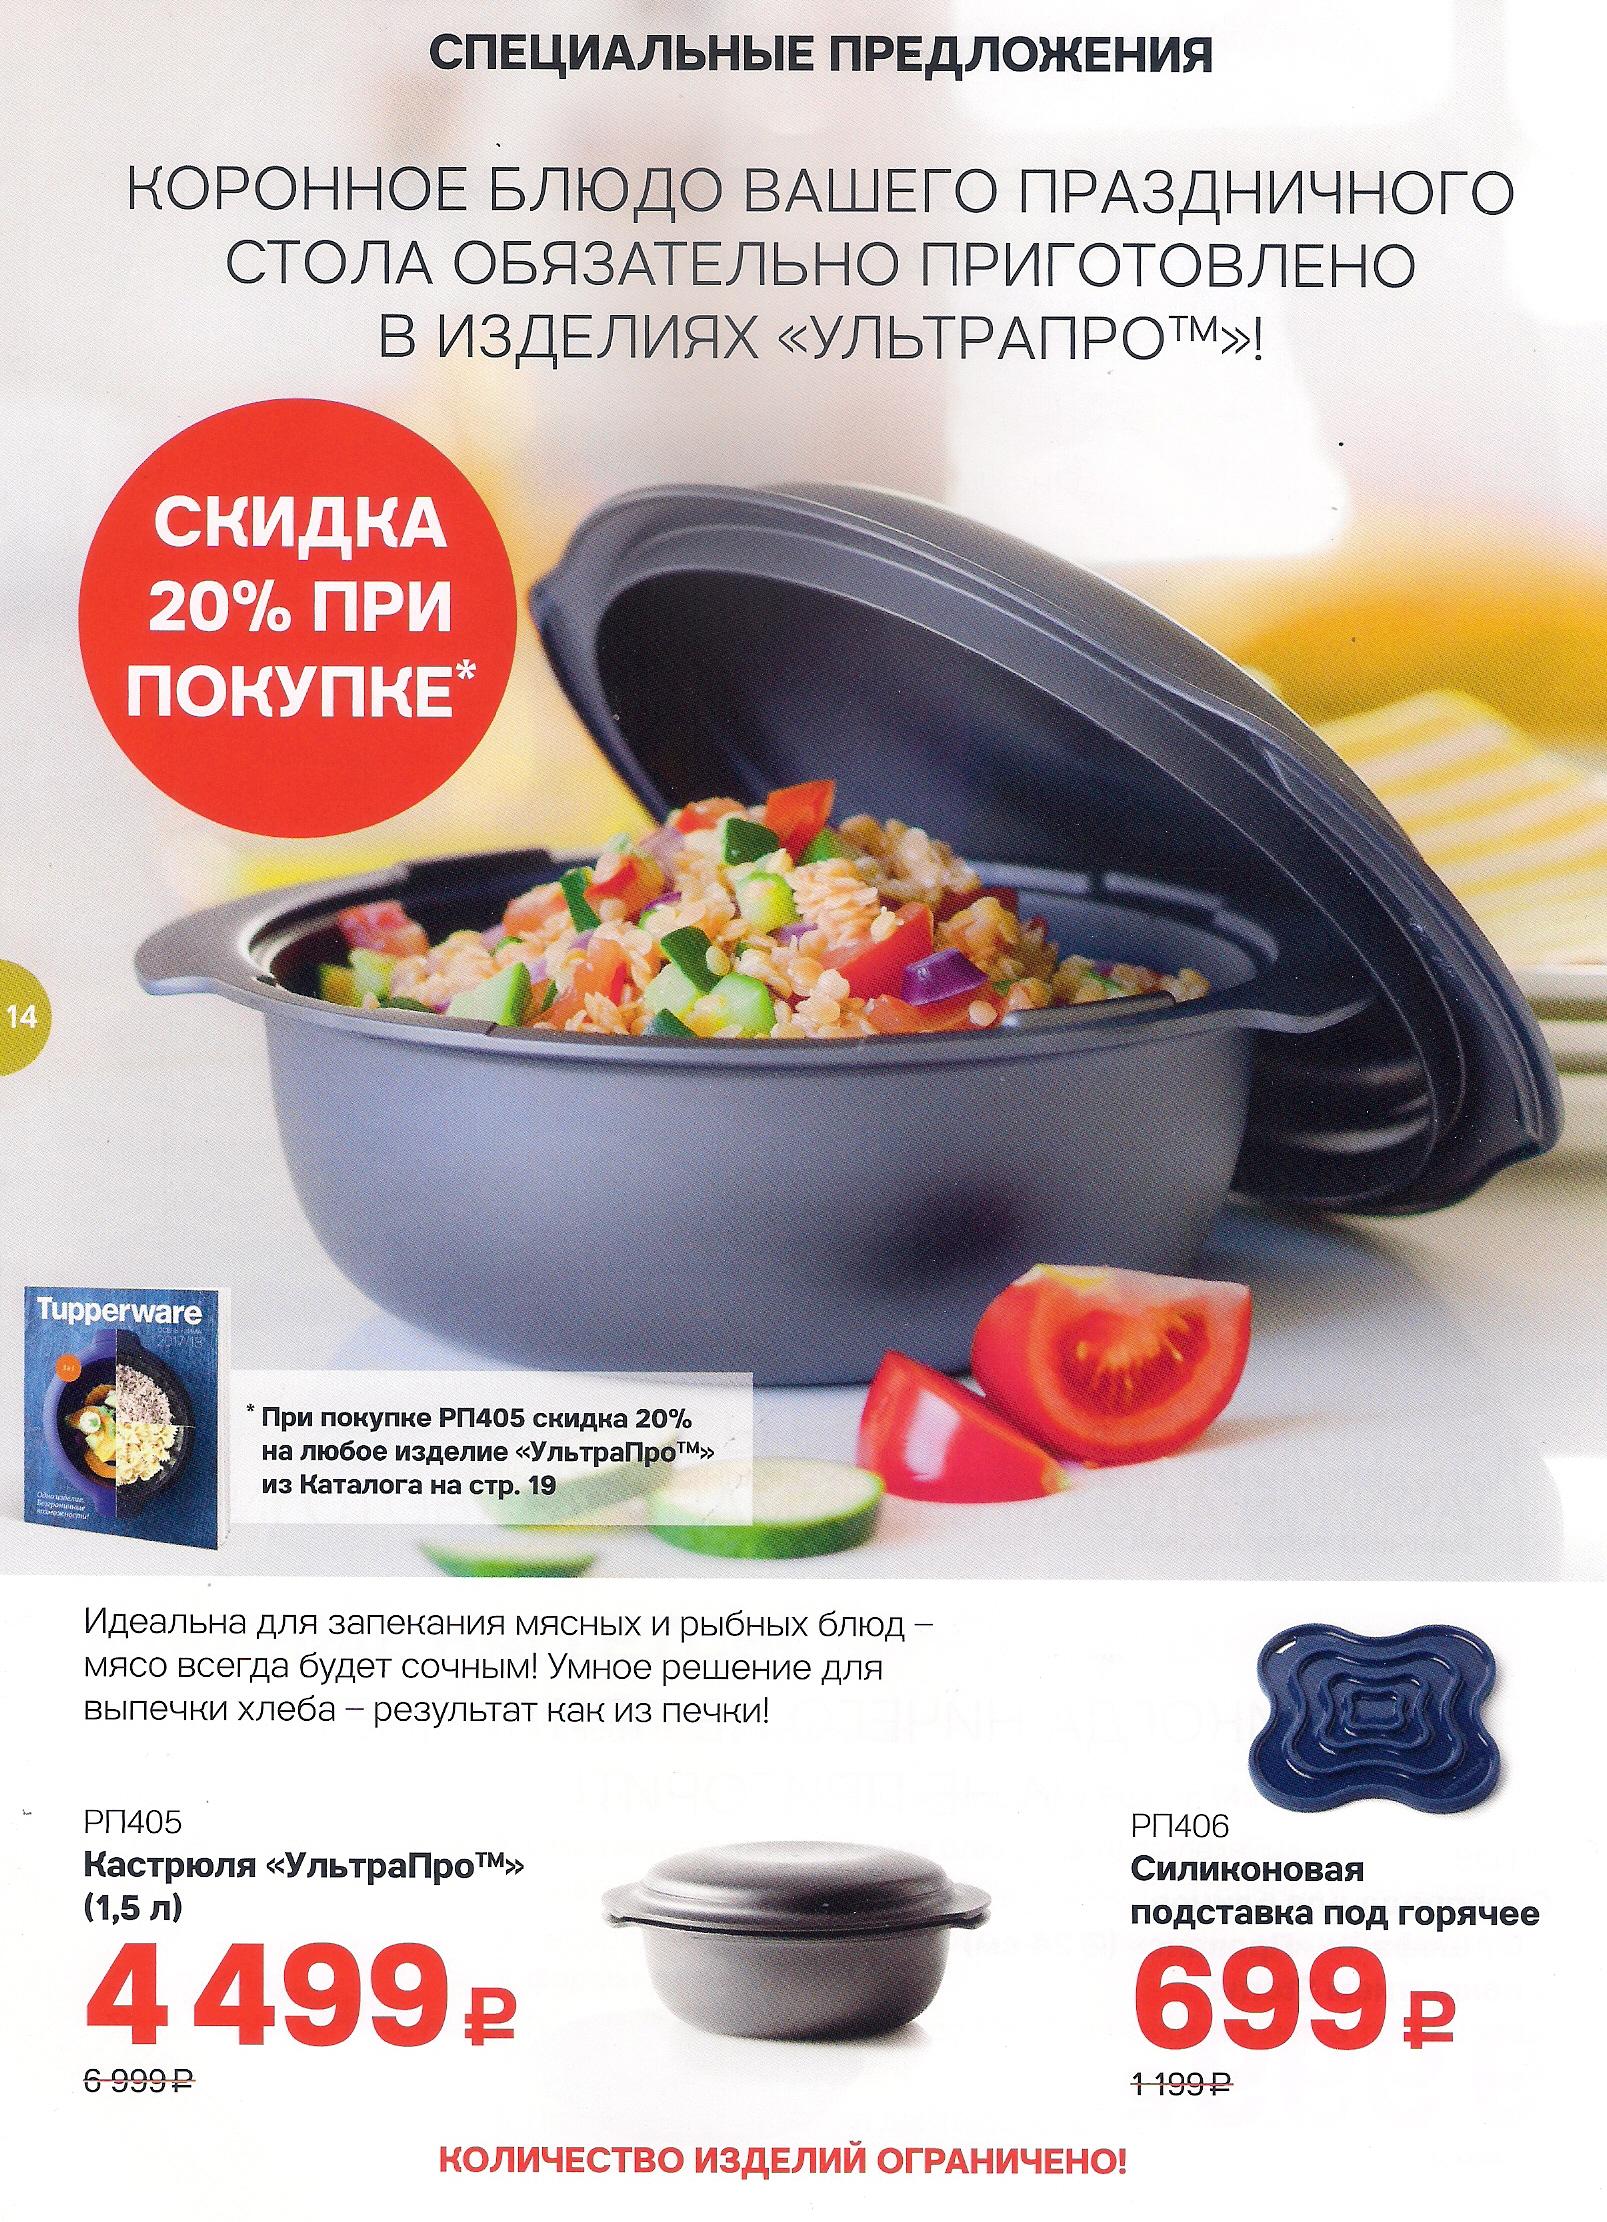 https://tupperware-online.ru/images/upload/13p.jpg